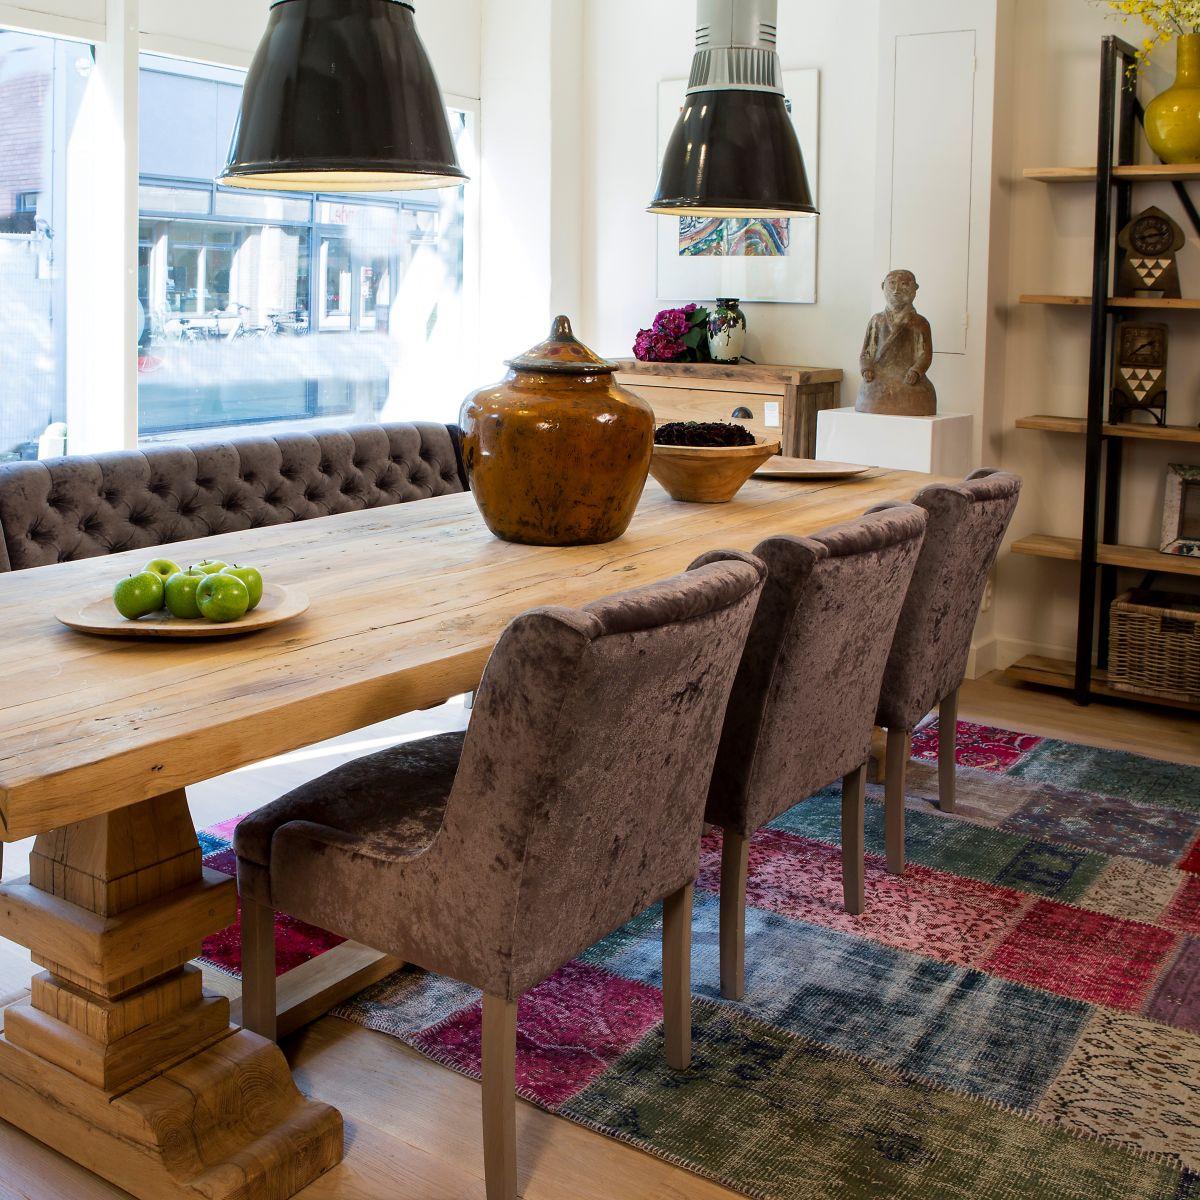 Interieur - kloostertafel - oud eiken